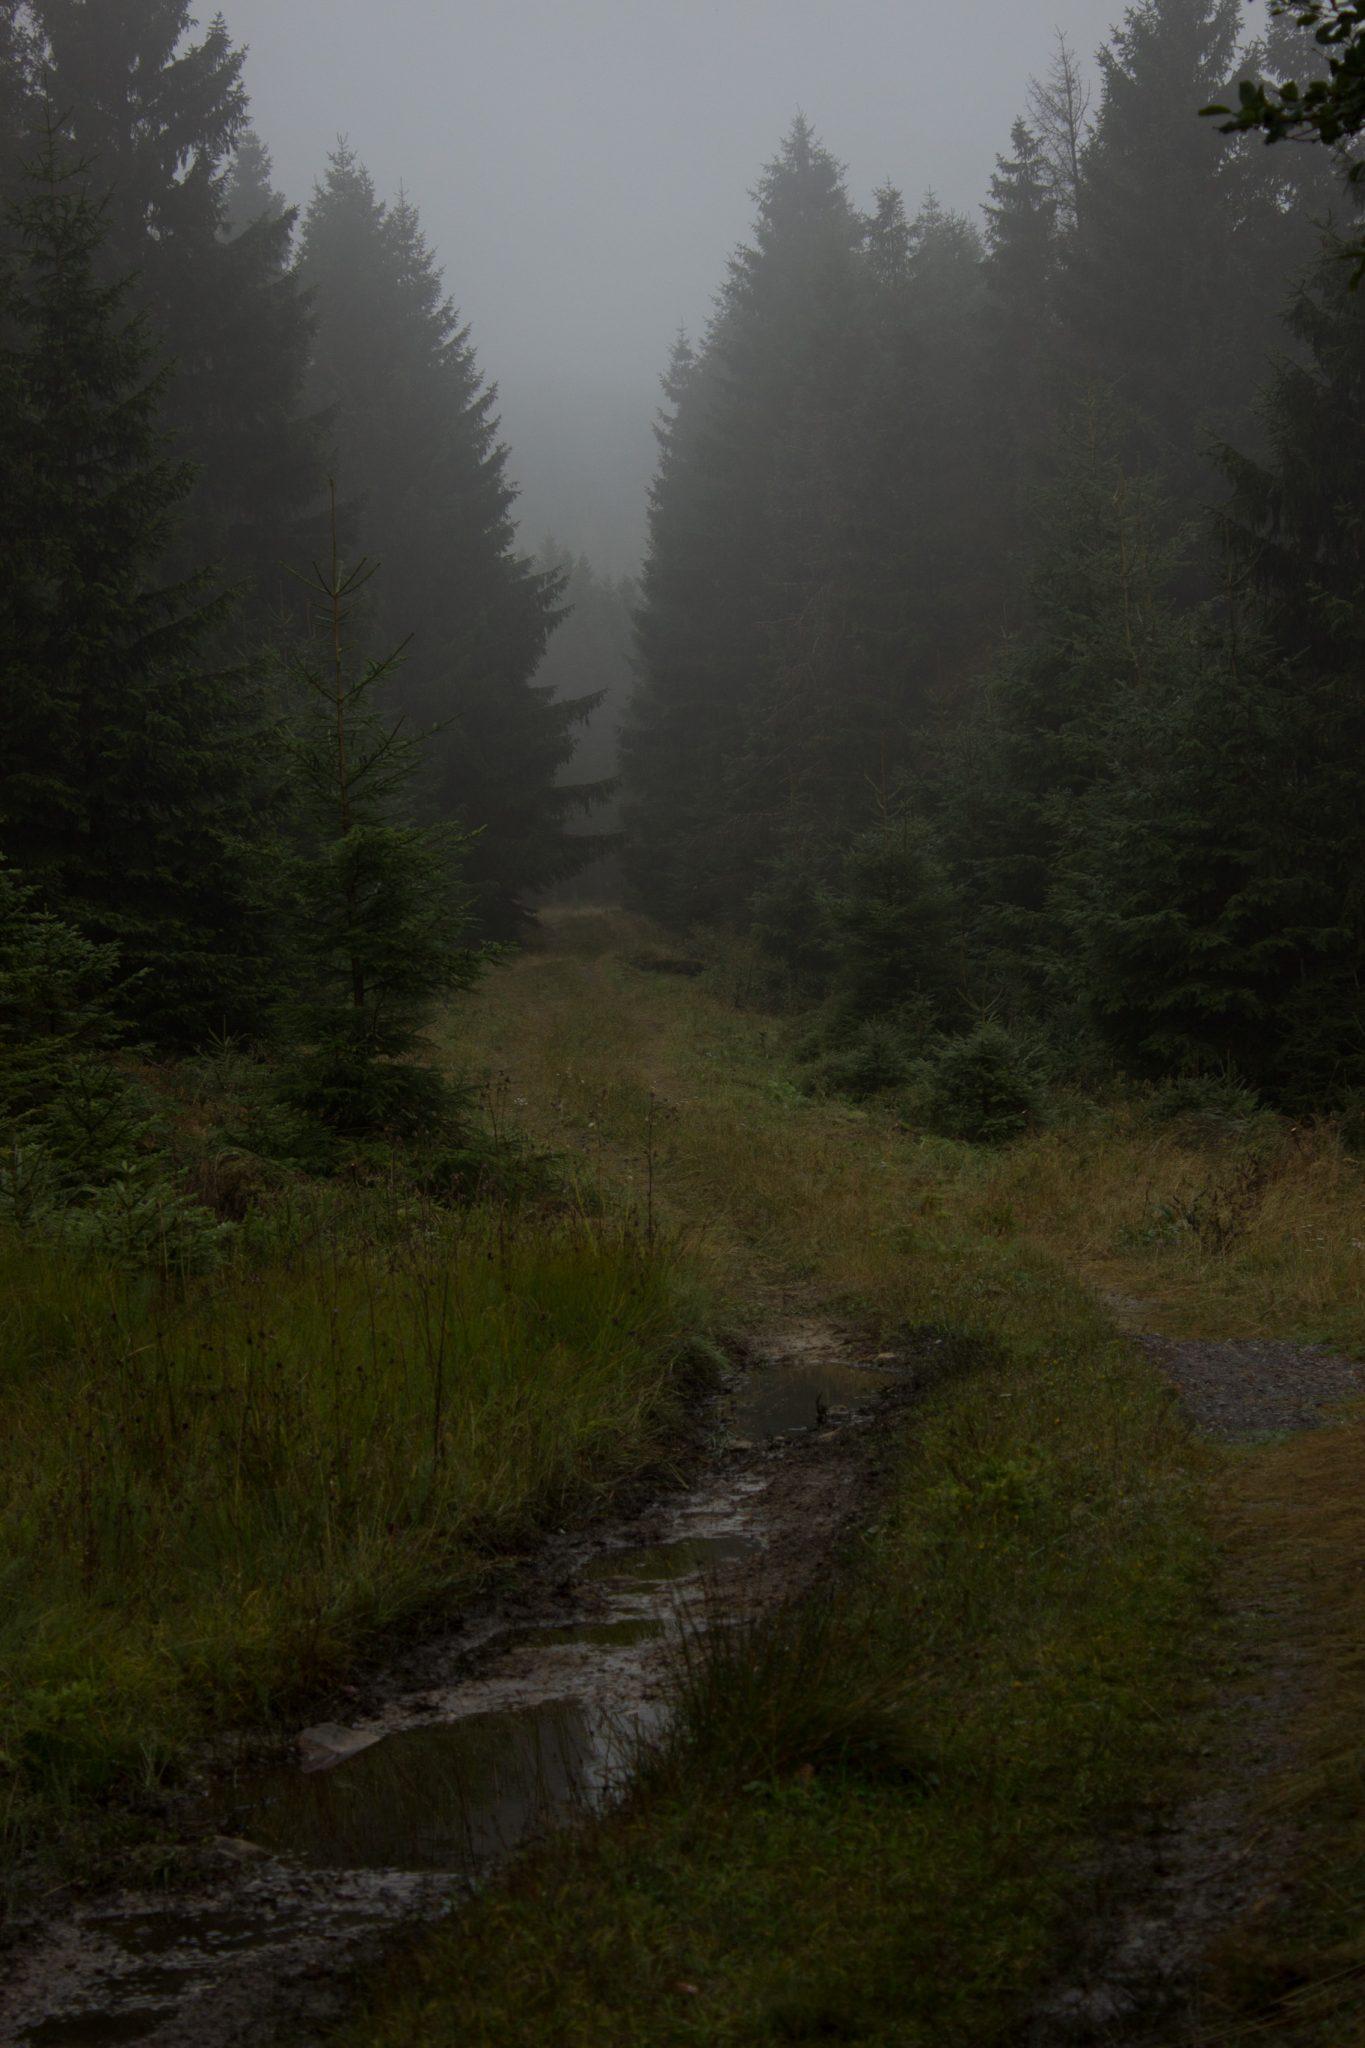 Wanderung Brocken über Heinrich-Heine-Weg Start in Ilsenburg, Nationalpark Harz, triste Stimmung, steiniger Weg zum Brocken. ringsum Wald mit hohen Tannen, regnerisch, schöne einsame Atmosphäre